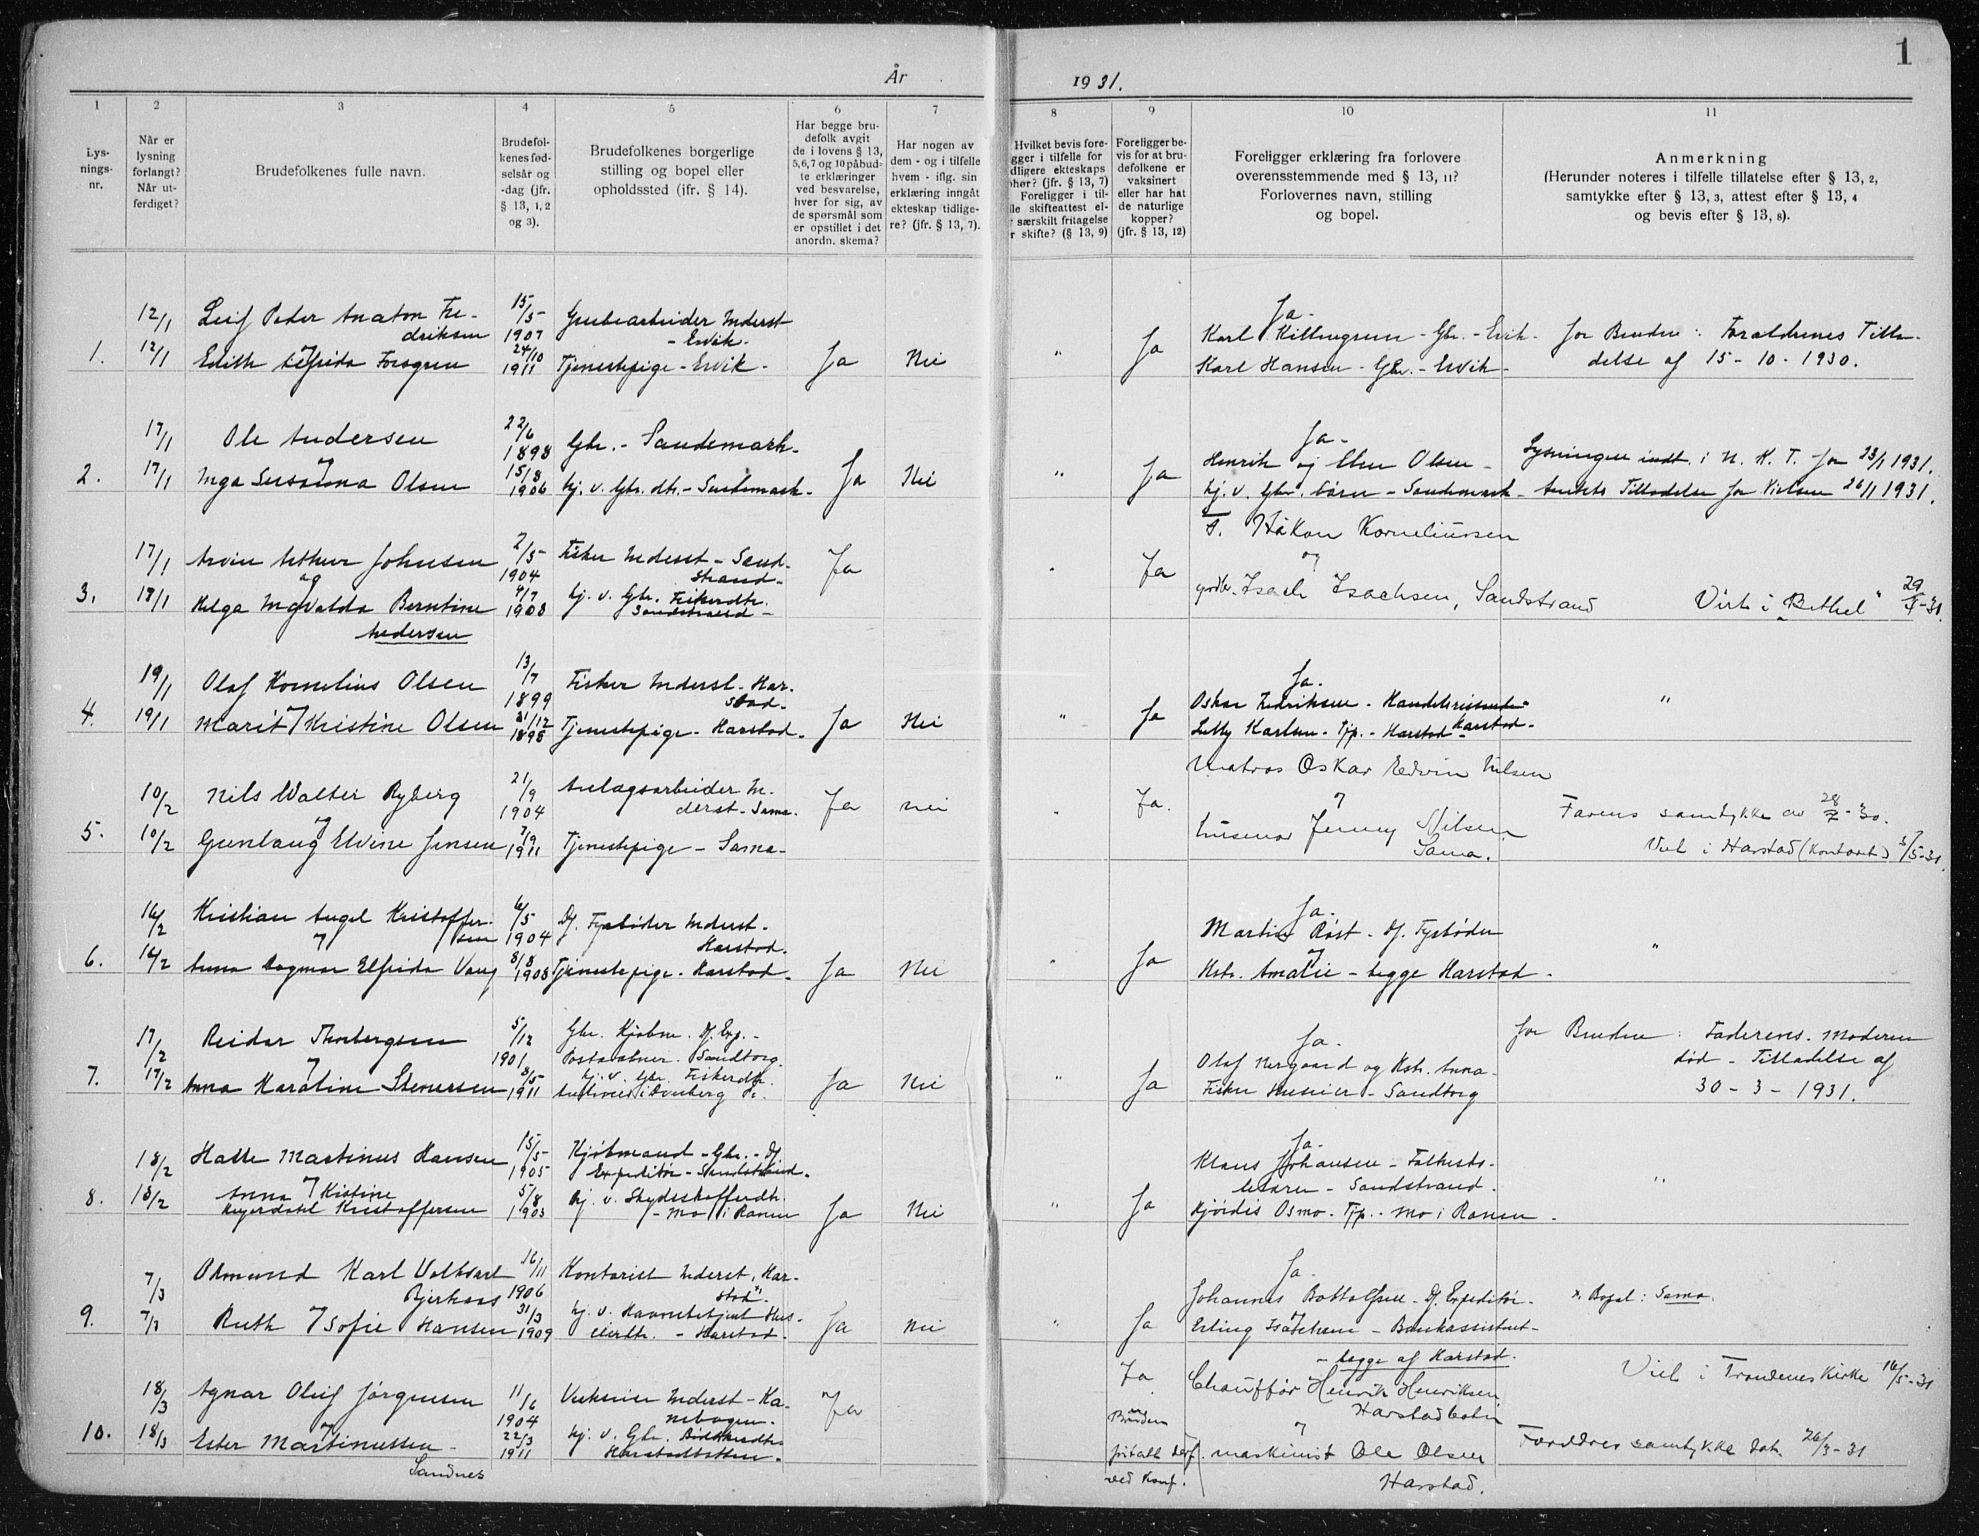 SATØ, Trondenes sokneprestkontor, I/Ib/L0100: Lysningsprotokoll nr. 100, 1931-1940, s. 1